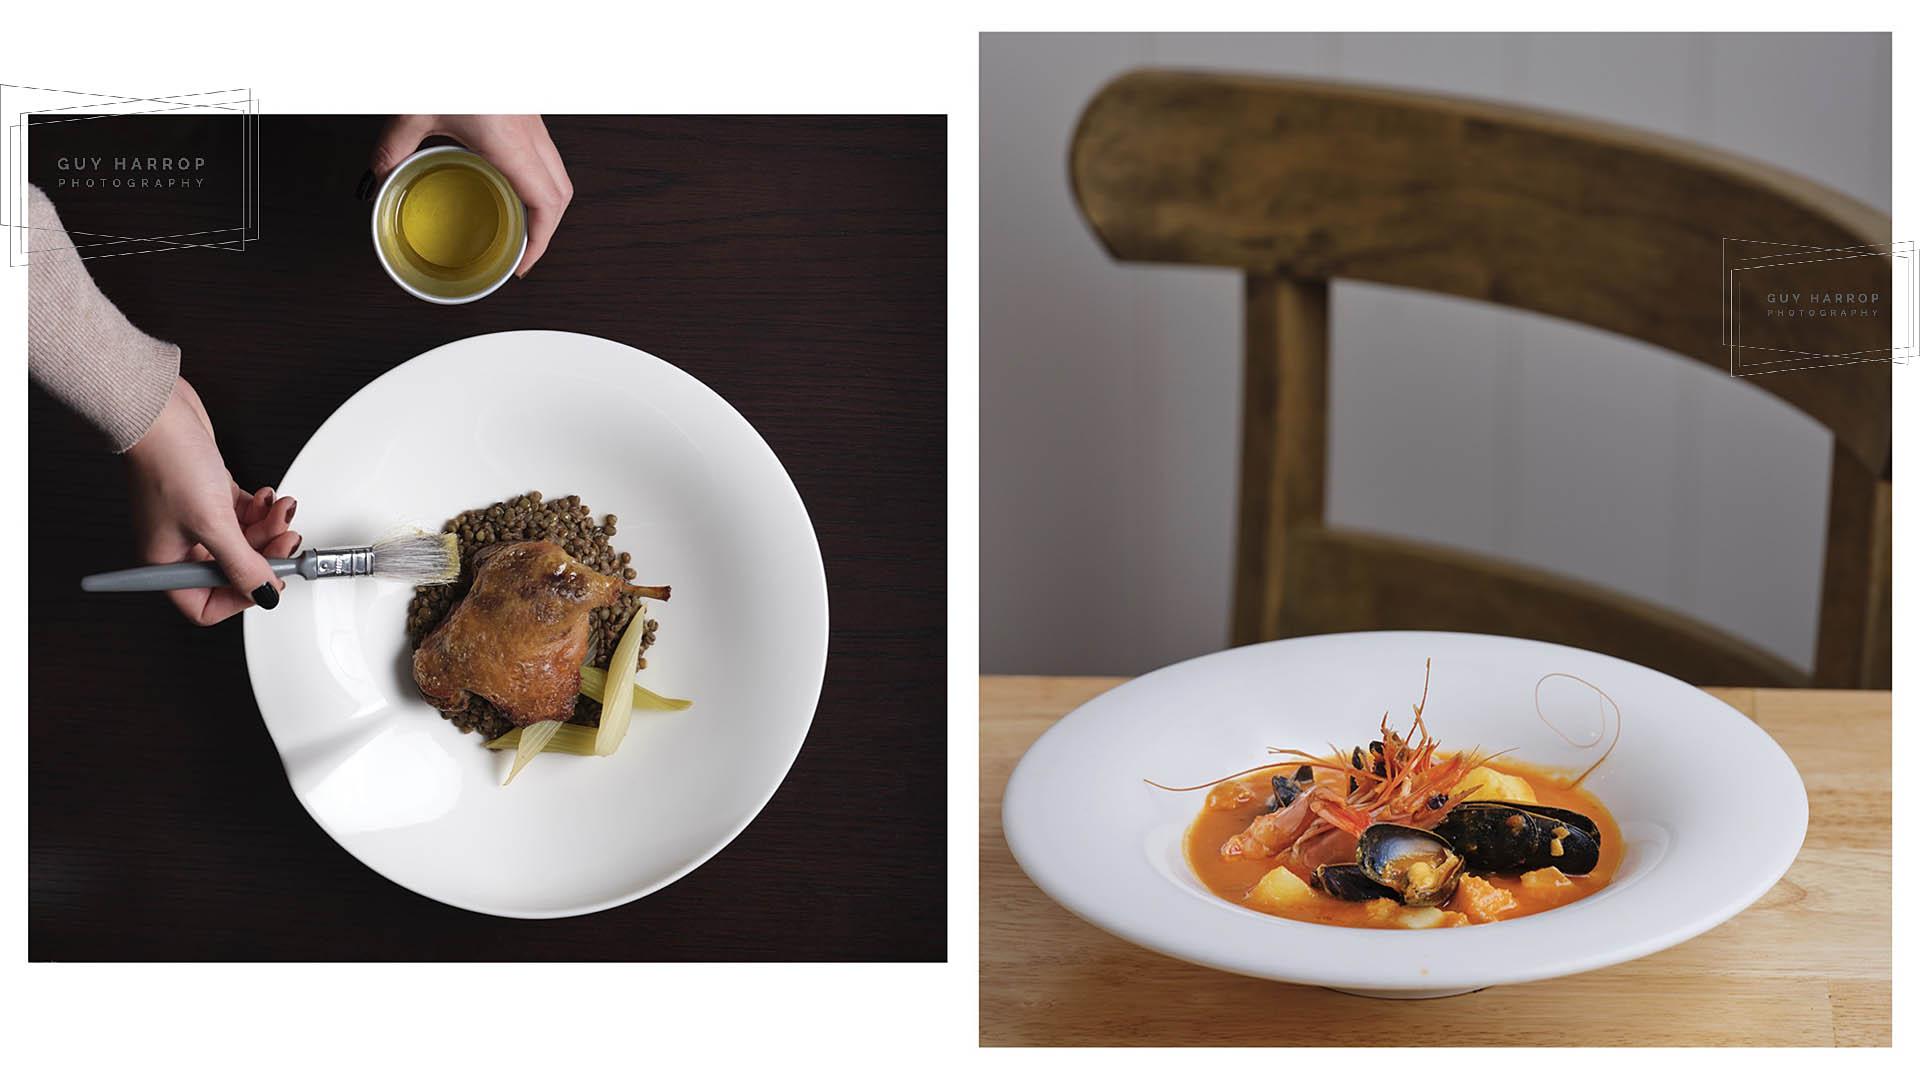 restaurant photography © Guy Harrop 2021